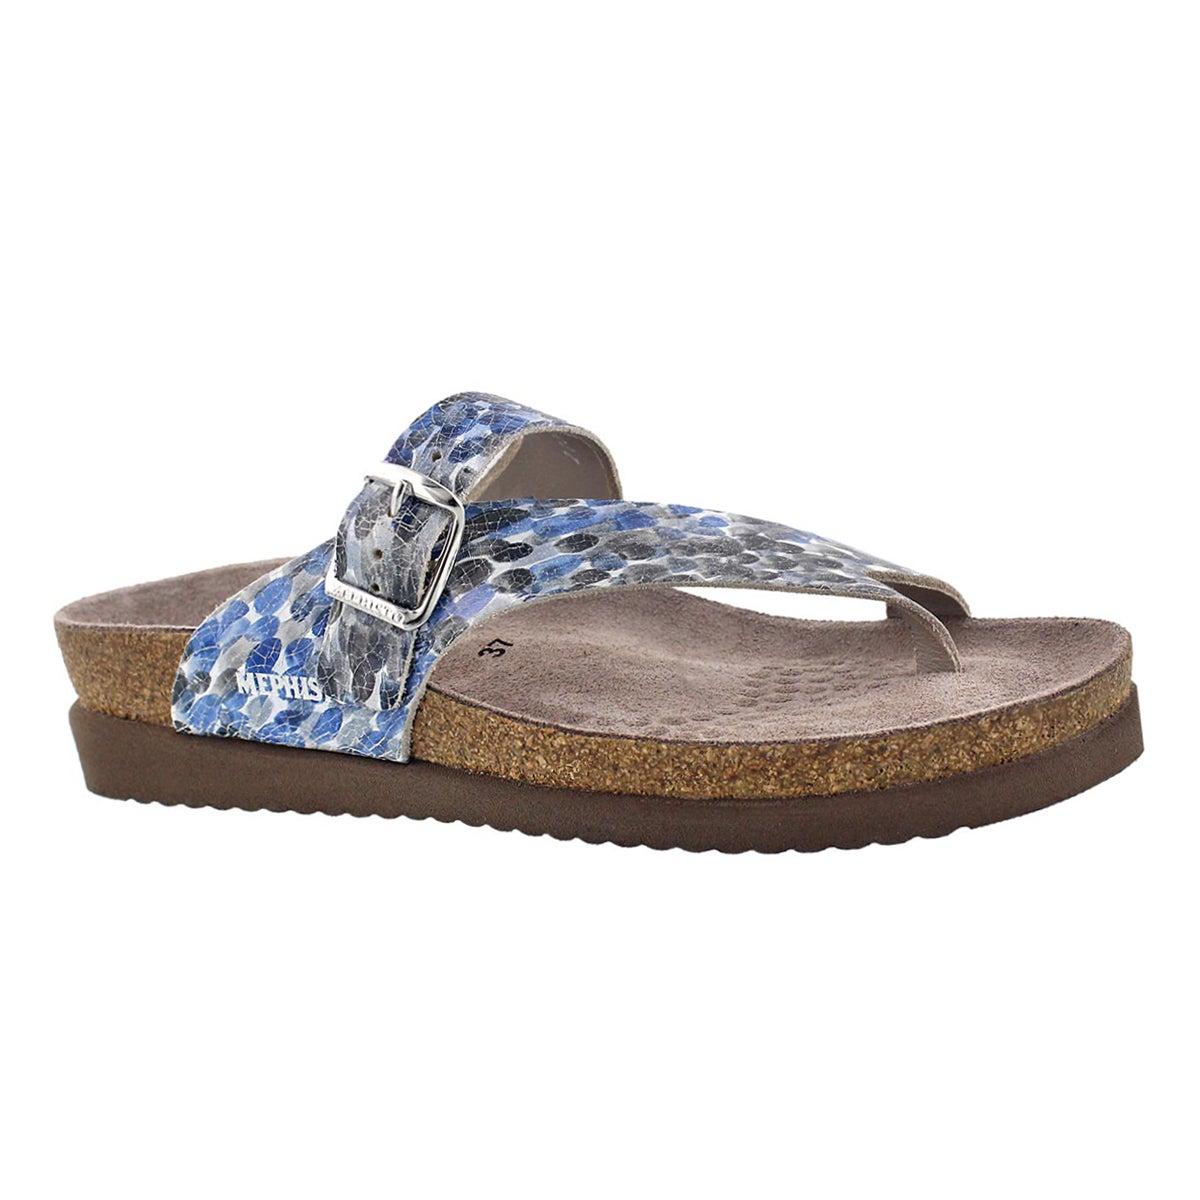 Women's HELEN blue multi cork footbed thongs